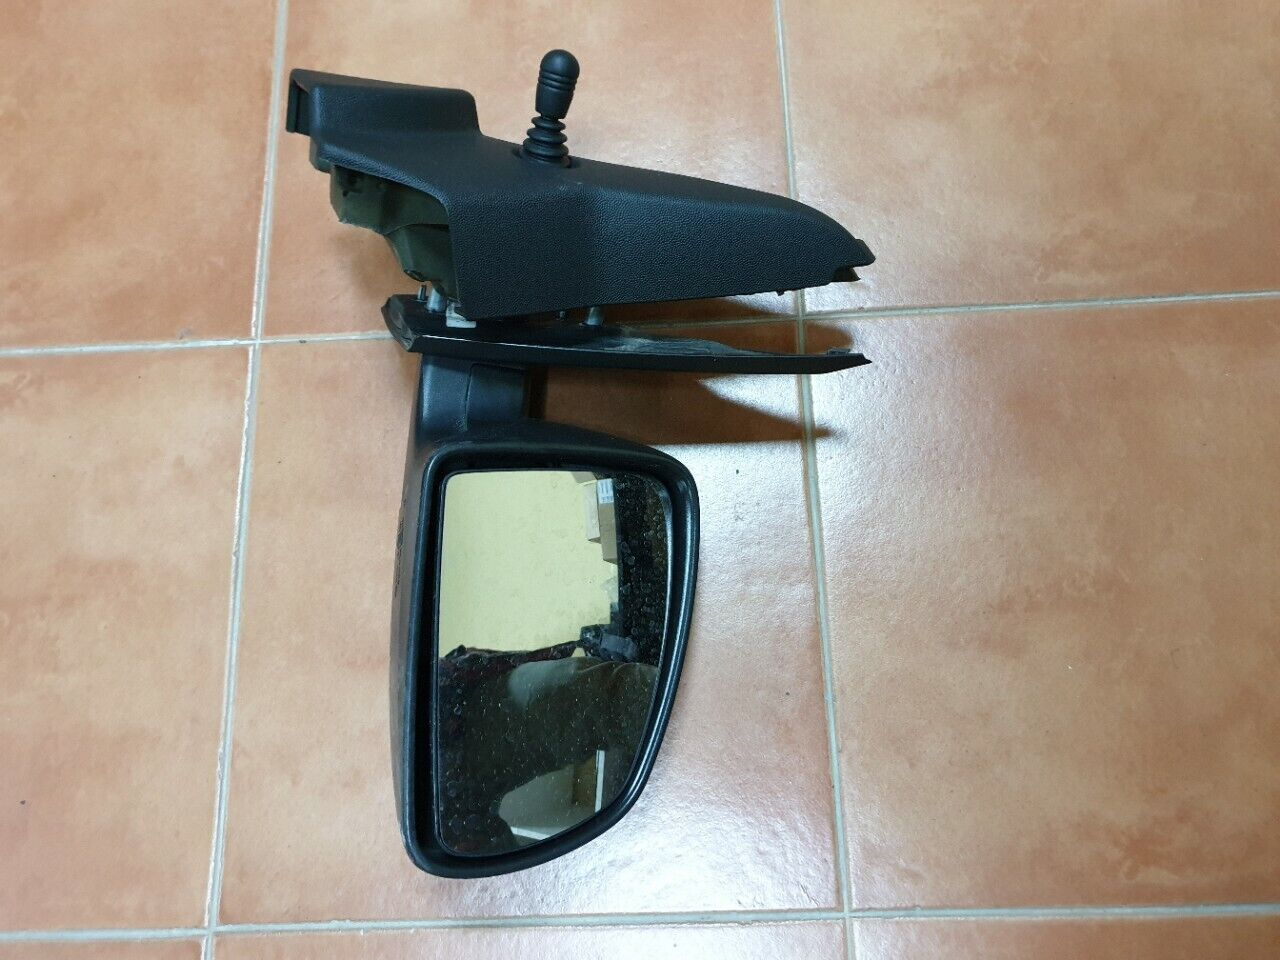 Espejo Derecho para Seat Toledo de 04//2004-03//2009 Convexo Calentado